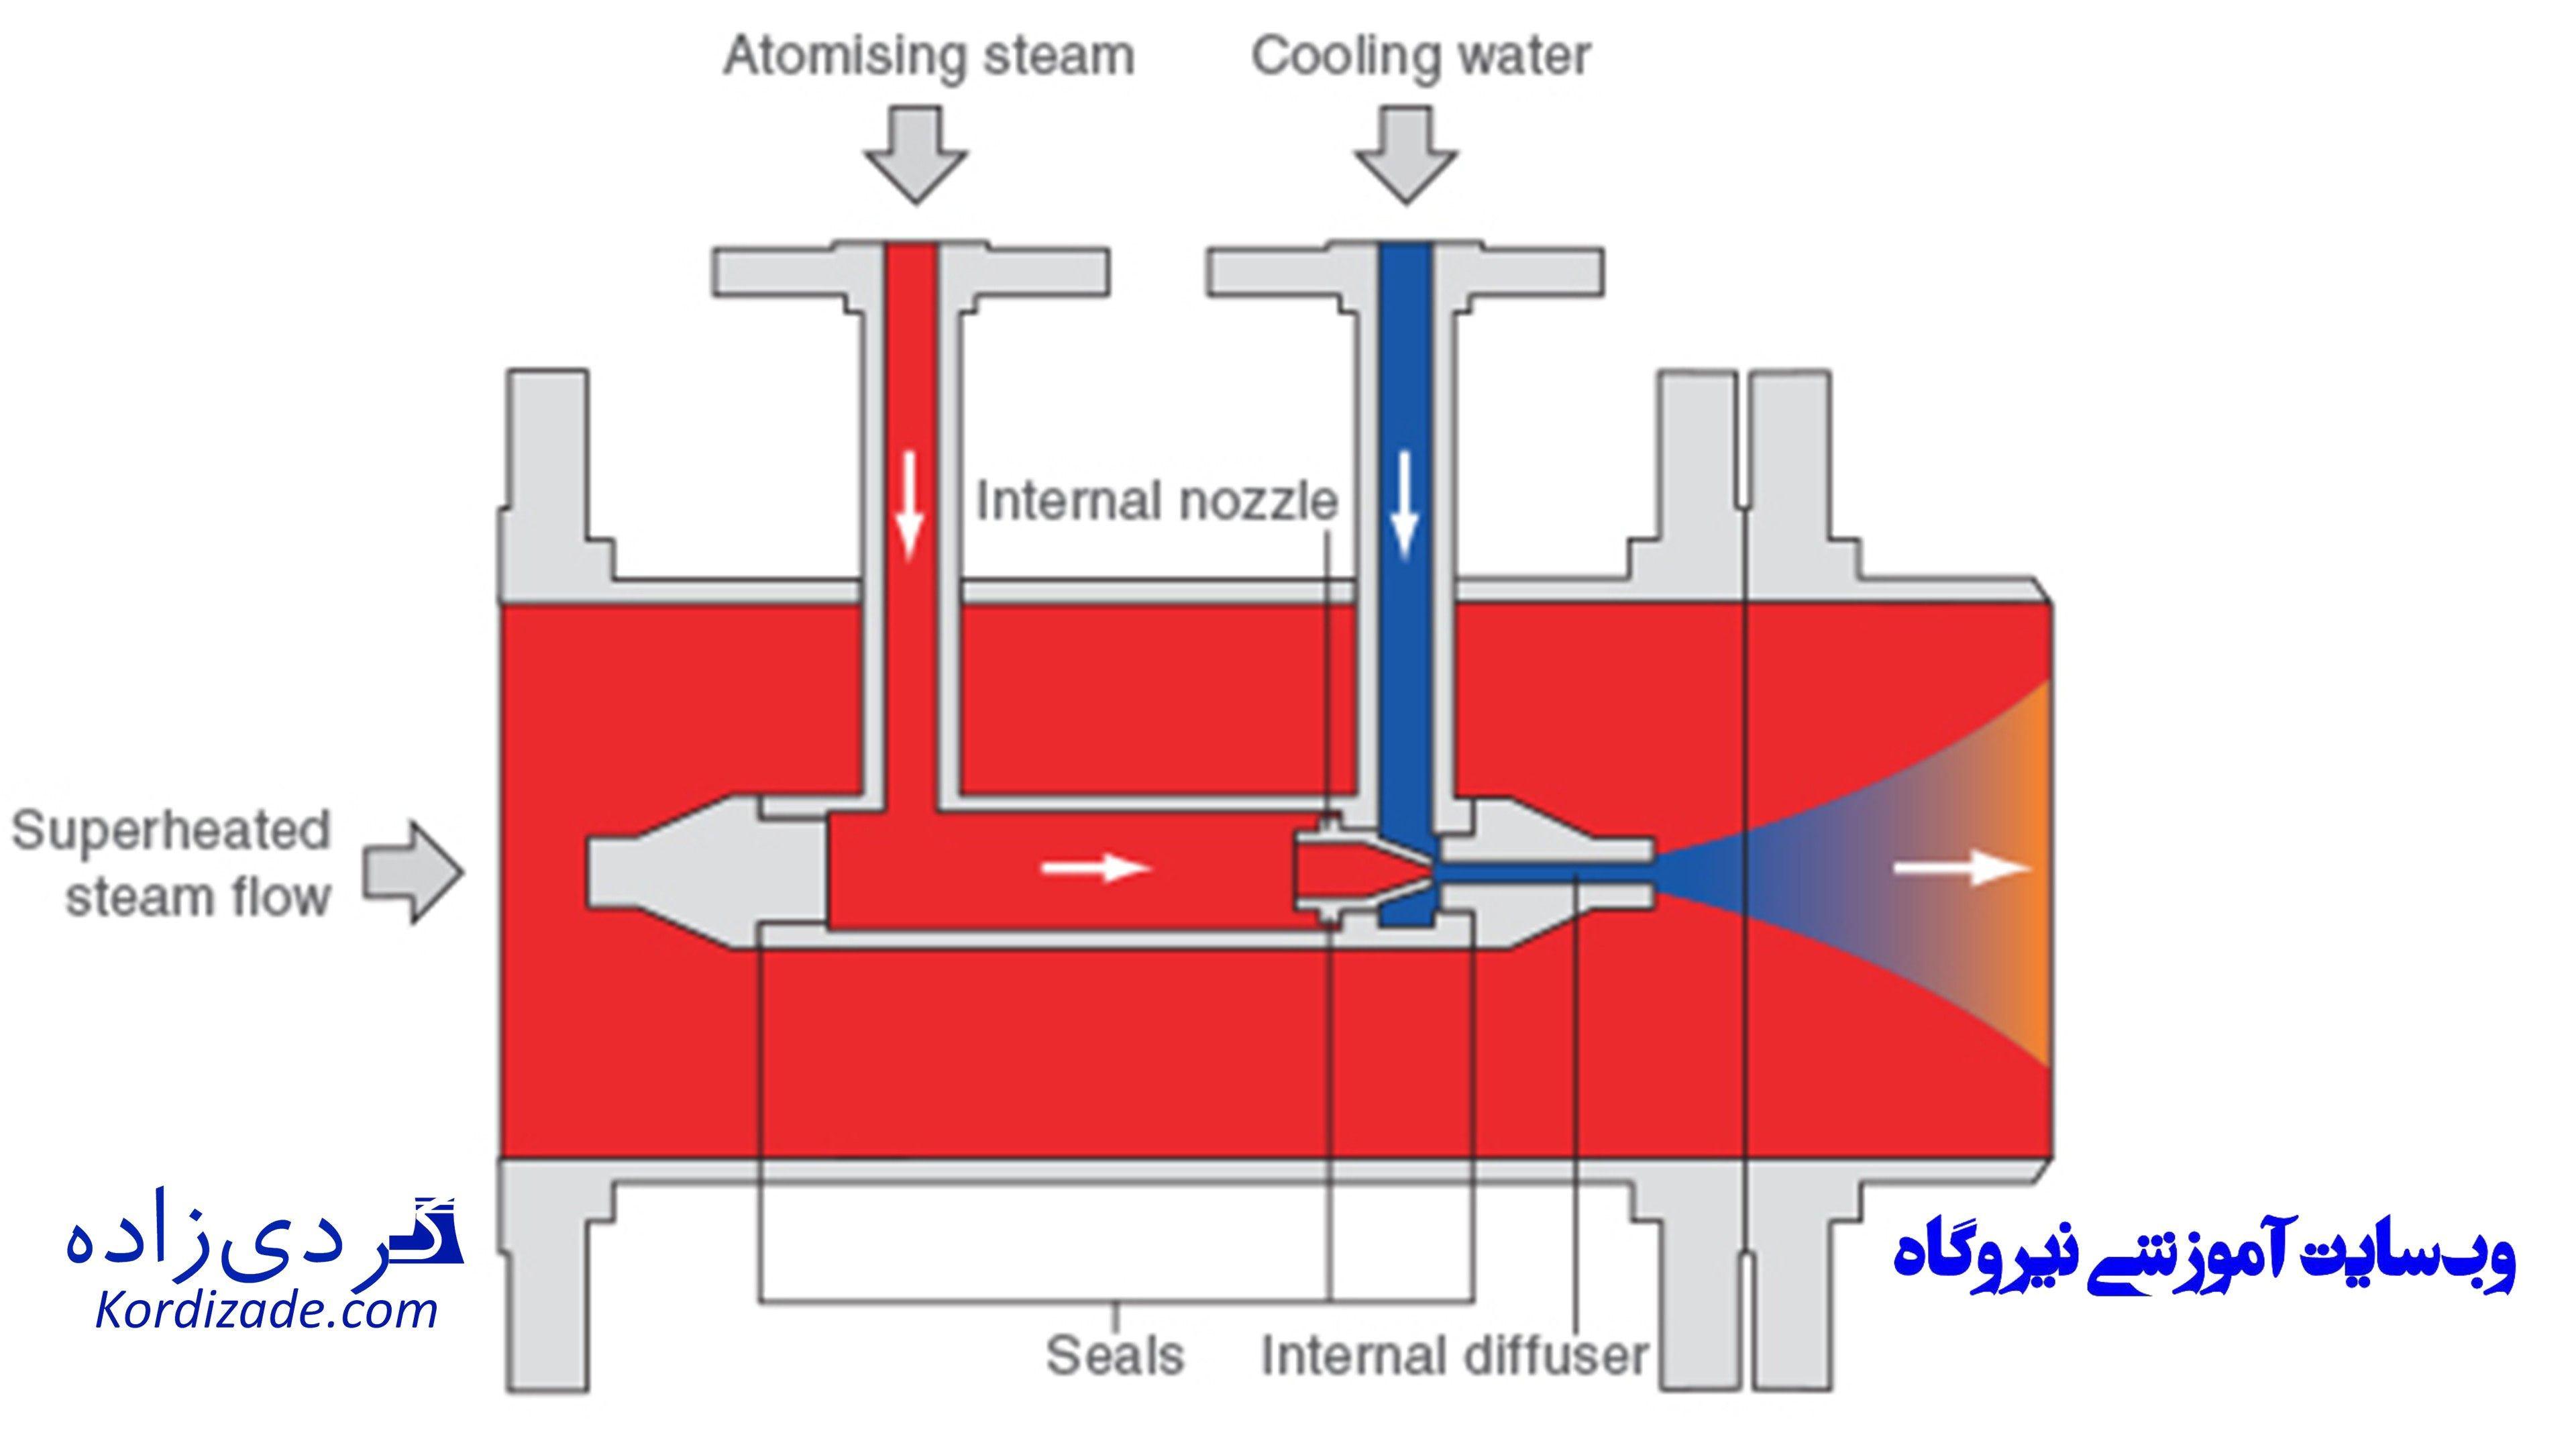 دی سوپرهتر مجهز به بخار کمکی بویلر نیروگاه